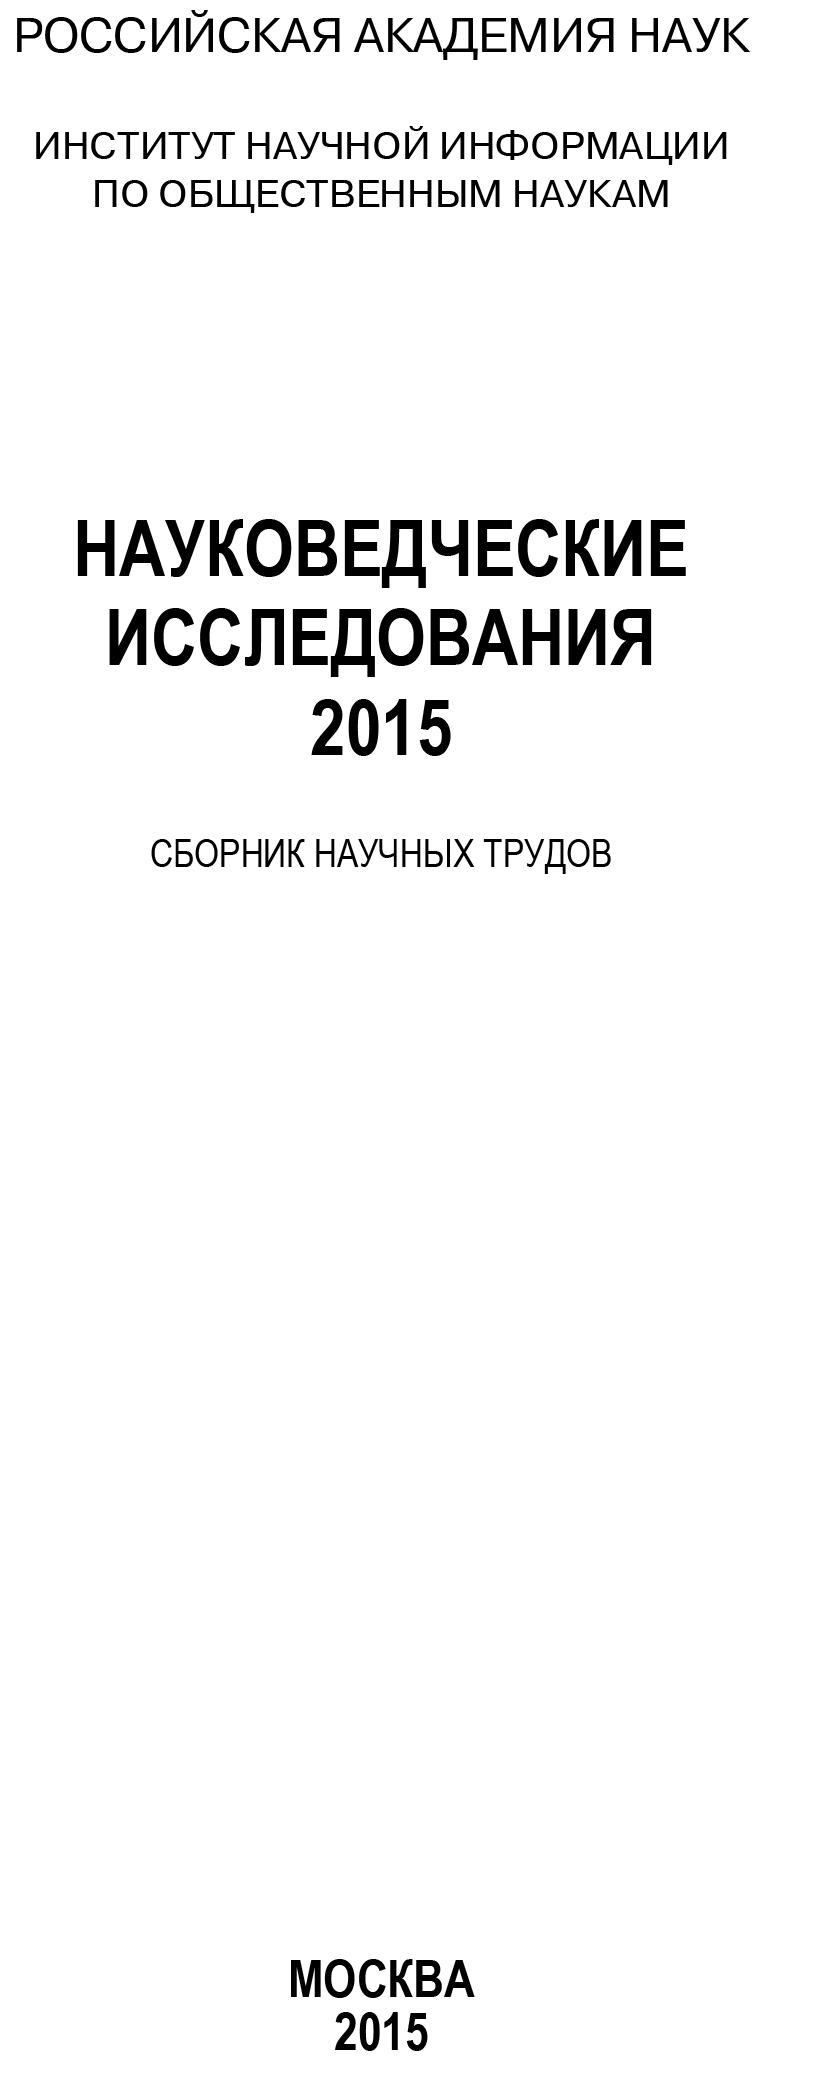 Коллектив авторов Науковедческие исследования. 2015 гневко в модернизация системы развития муниципального образования